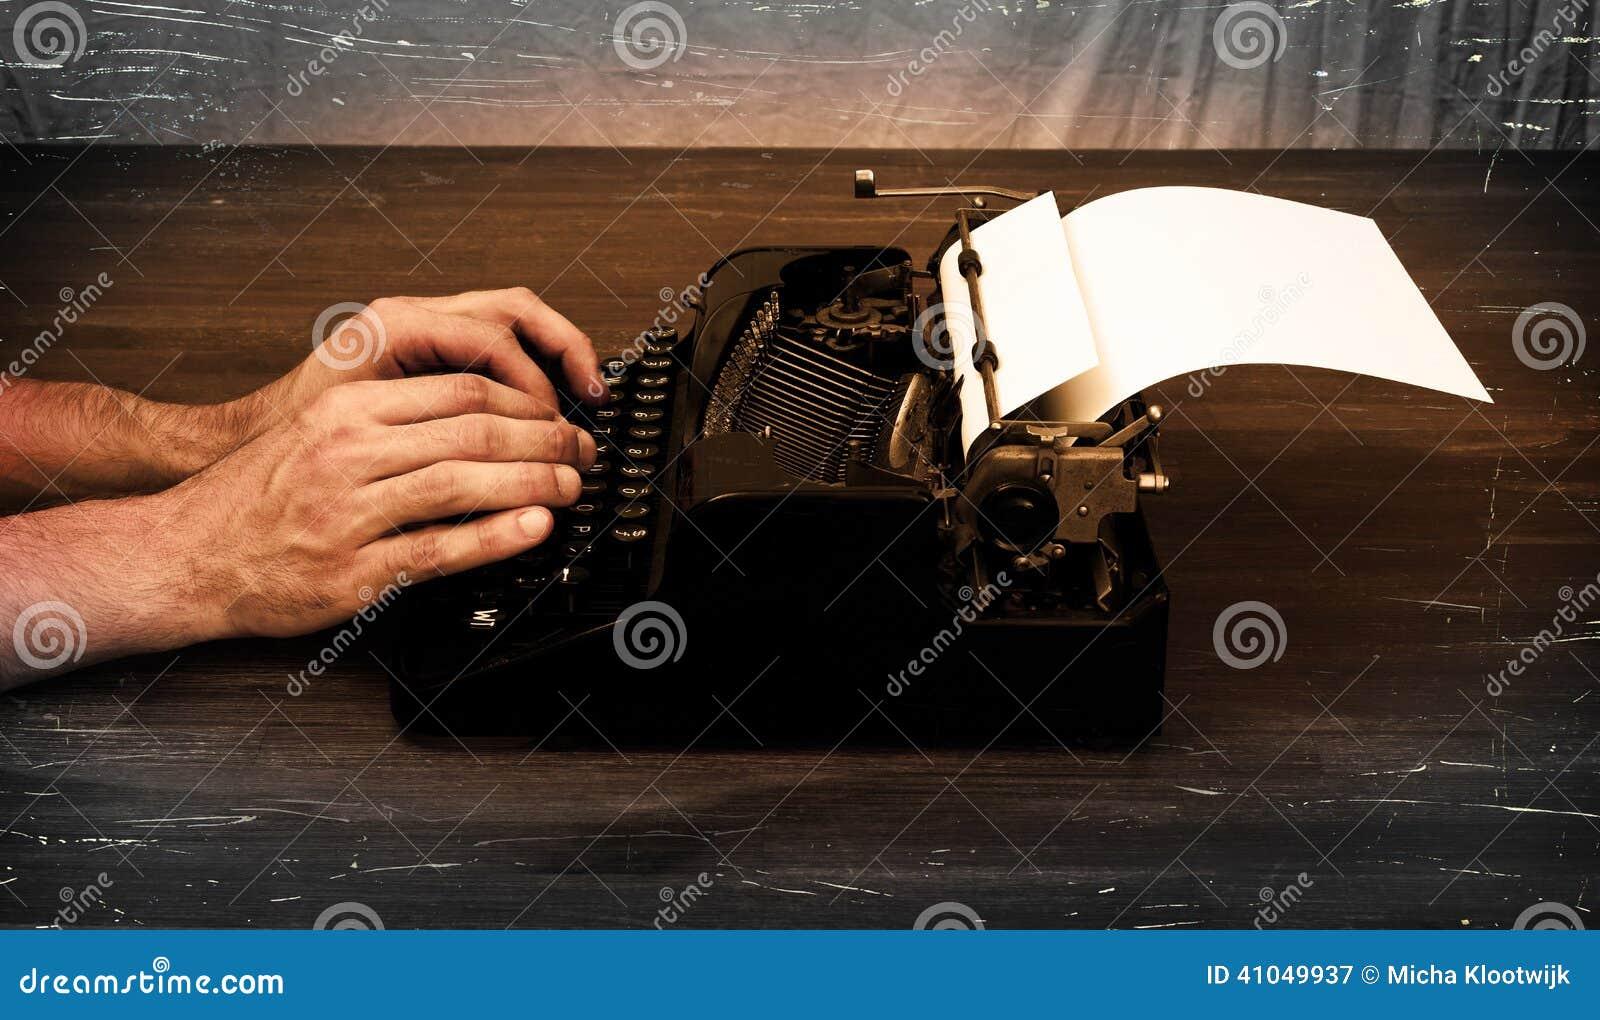 Schrijver of verslaggever achter de schrijfmachine